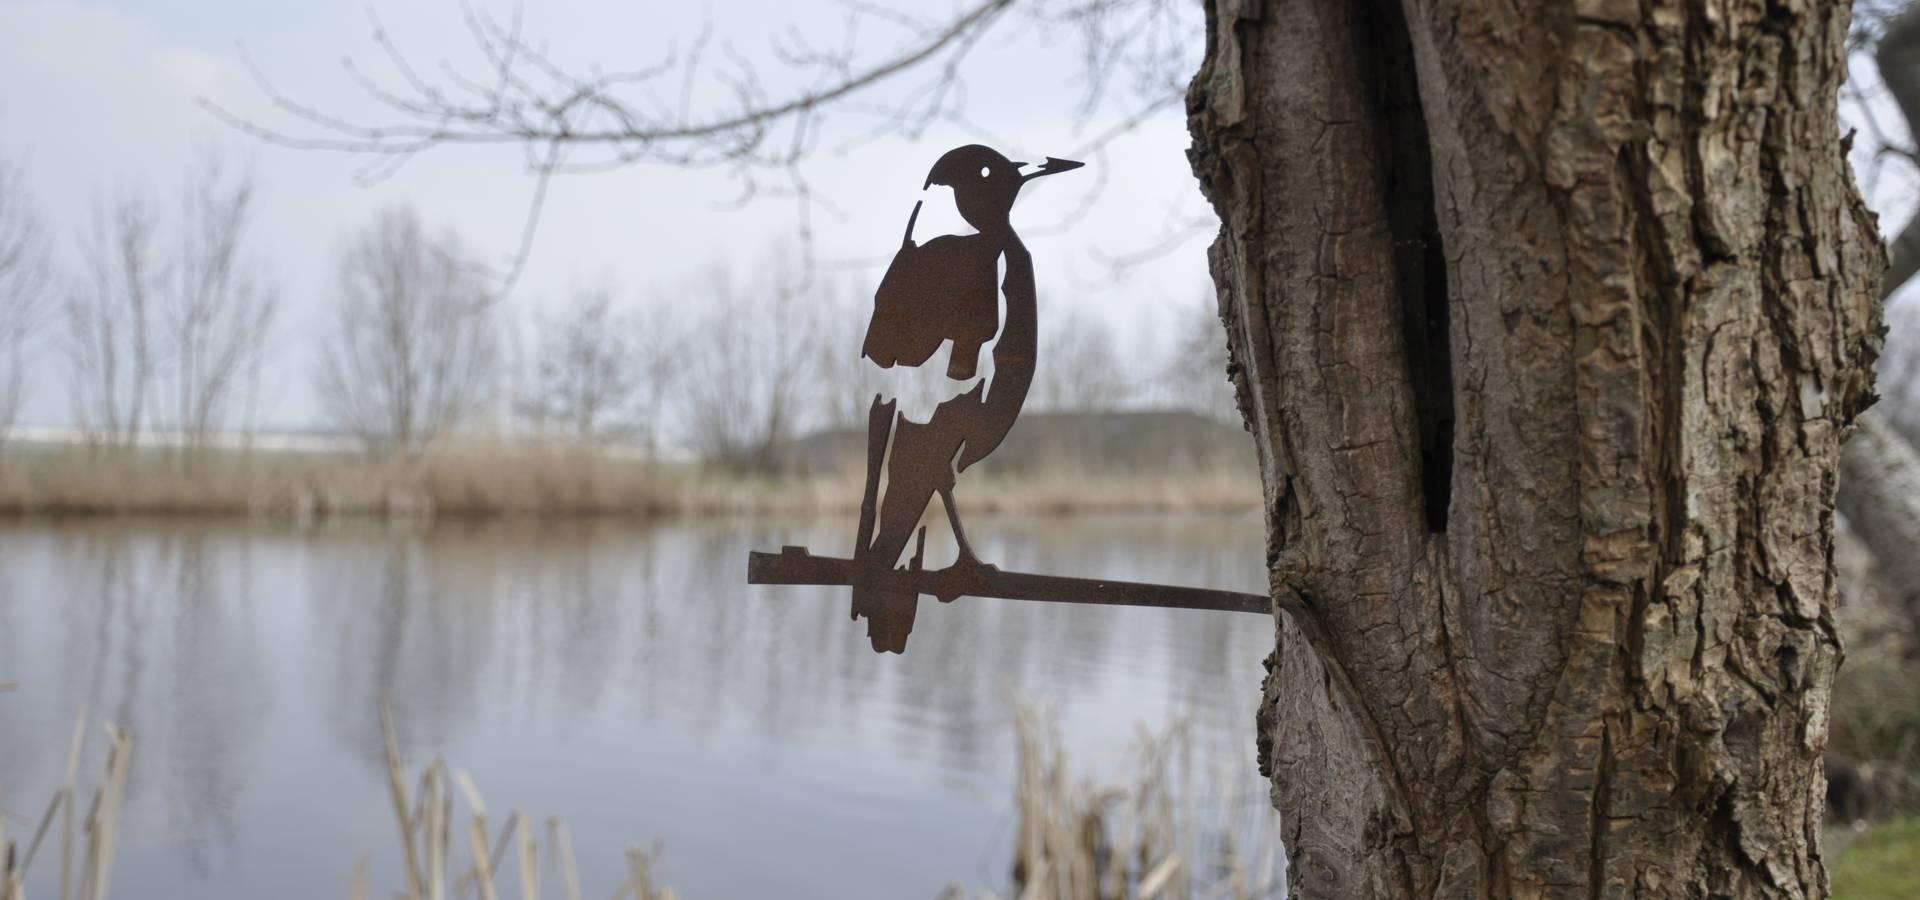 Metalbird v.o.f.